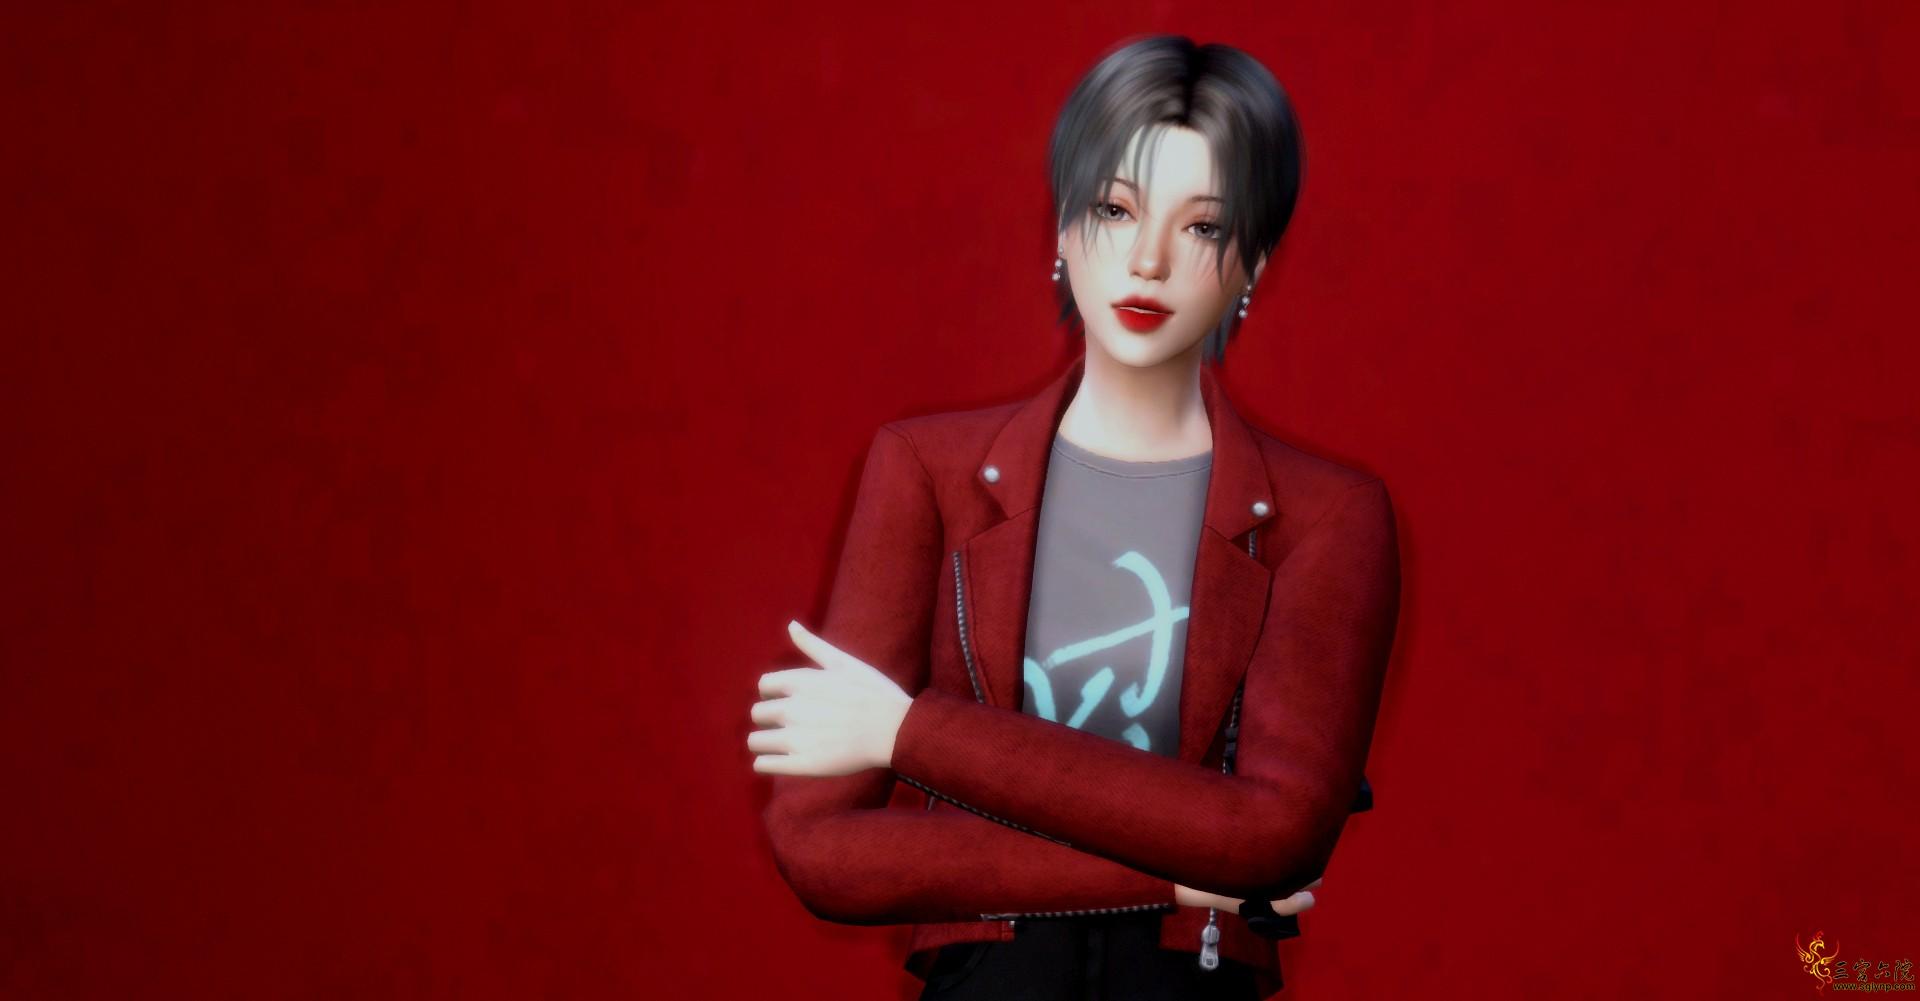 Sims 4 Screenshot 2021.02.24 - 00.46.55.67.png